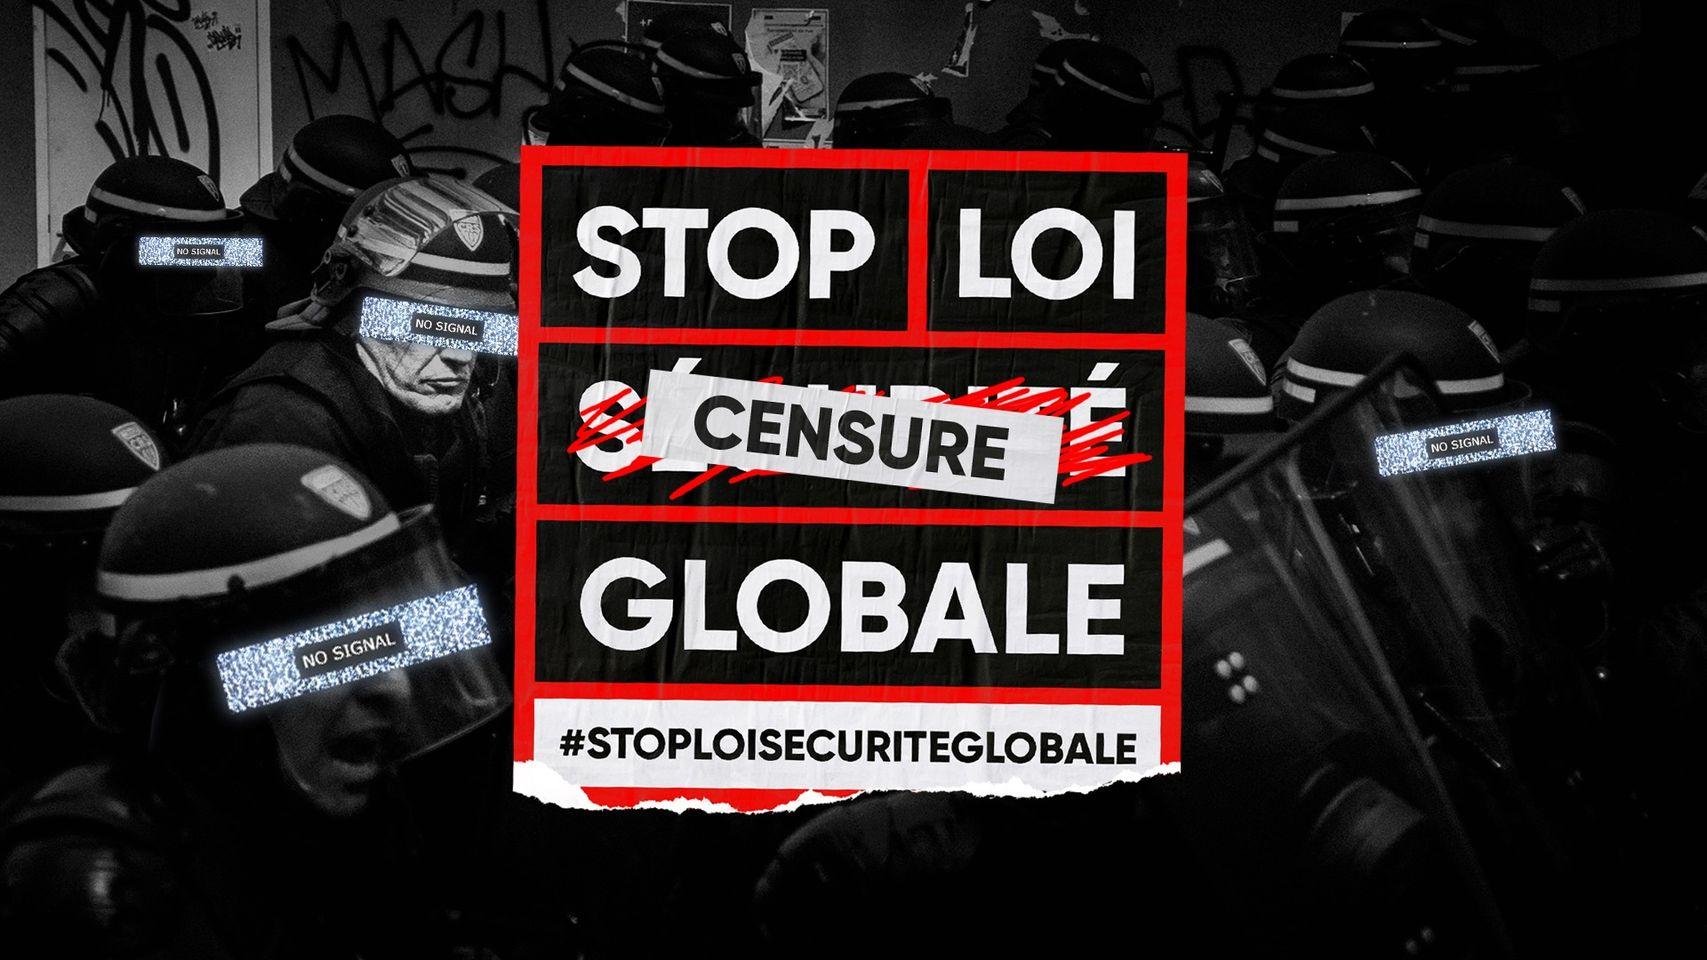 Loi S curit Globale Mais Libert s Minimales Interpellez Vos D put s Ligue Des Droits De L Homme